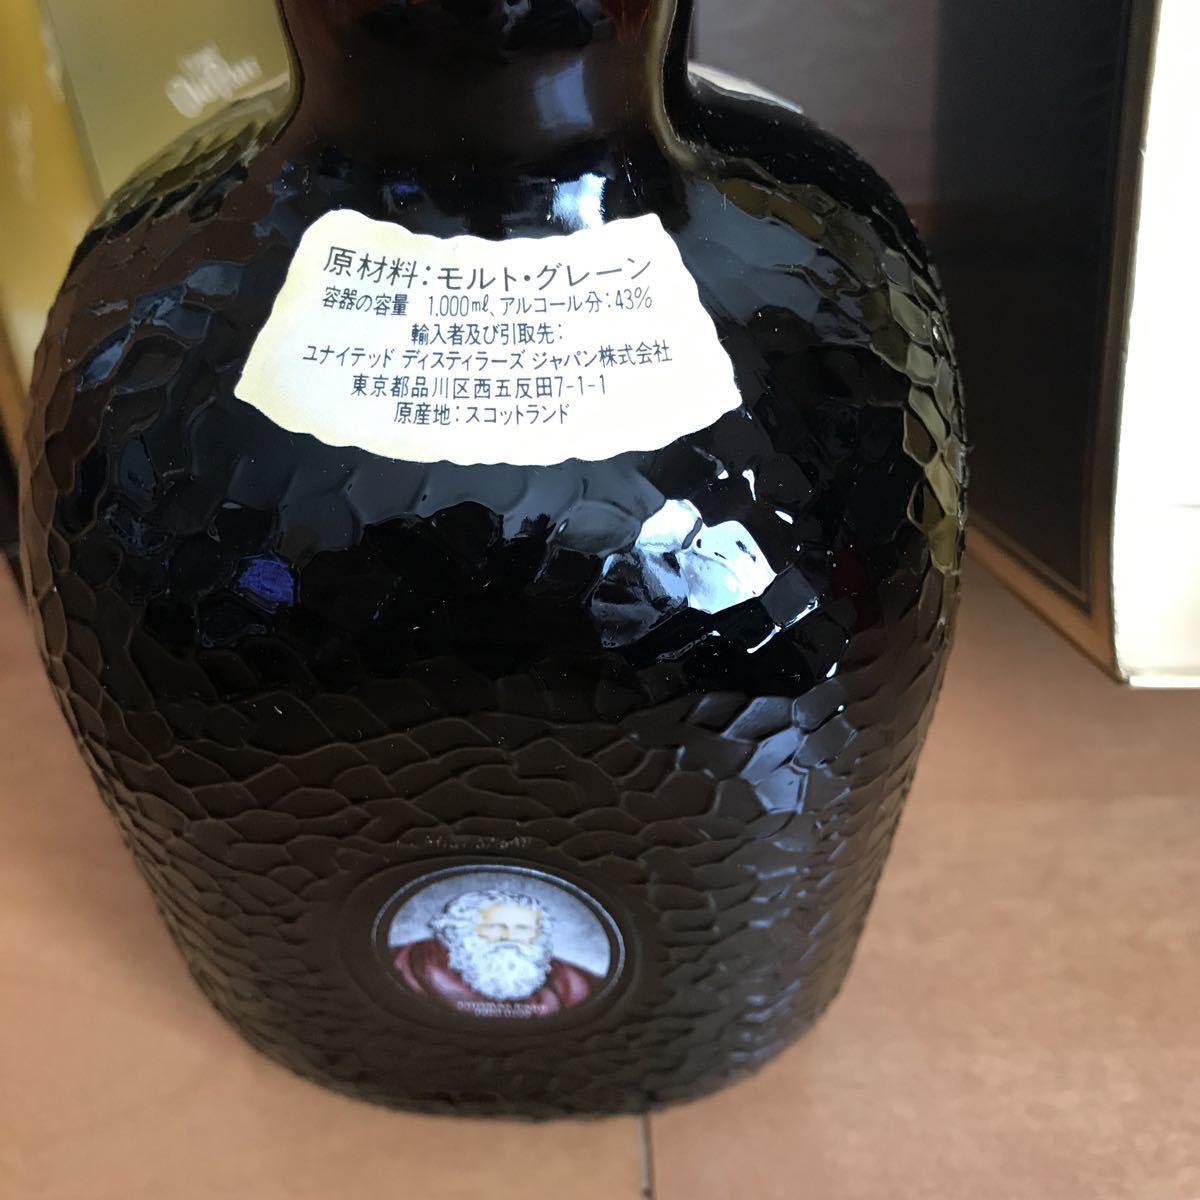 新品 未開封 古酒 グランド オールドパー 12年 43% 1l 箱入り キングサイズ_画像3